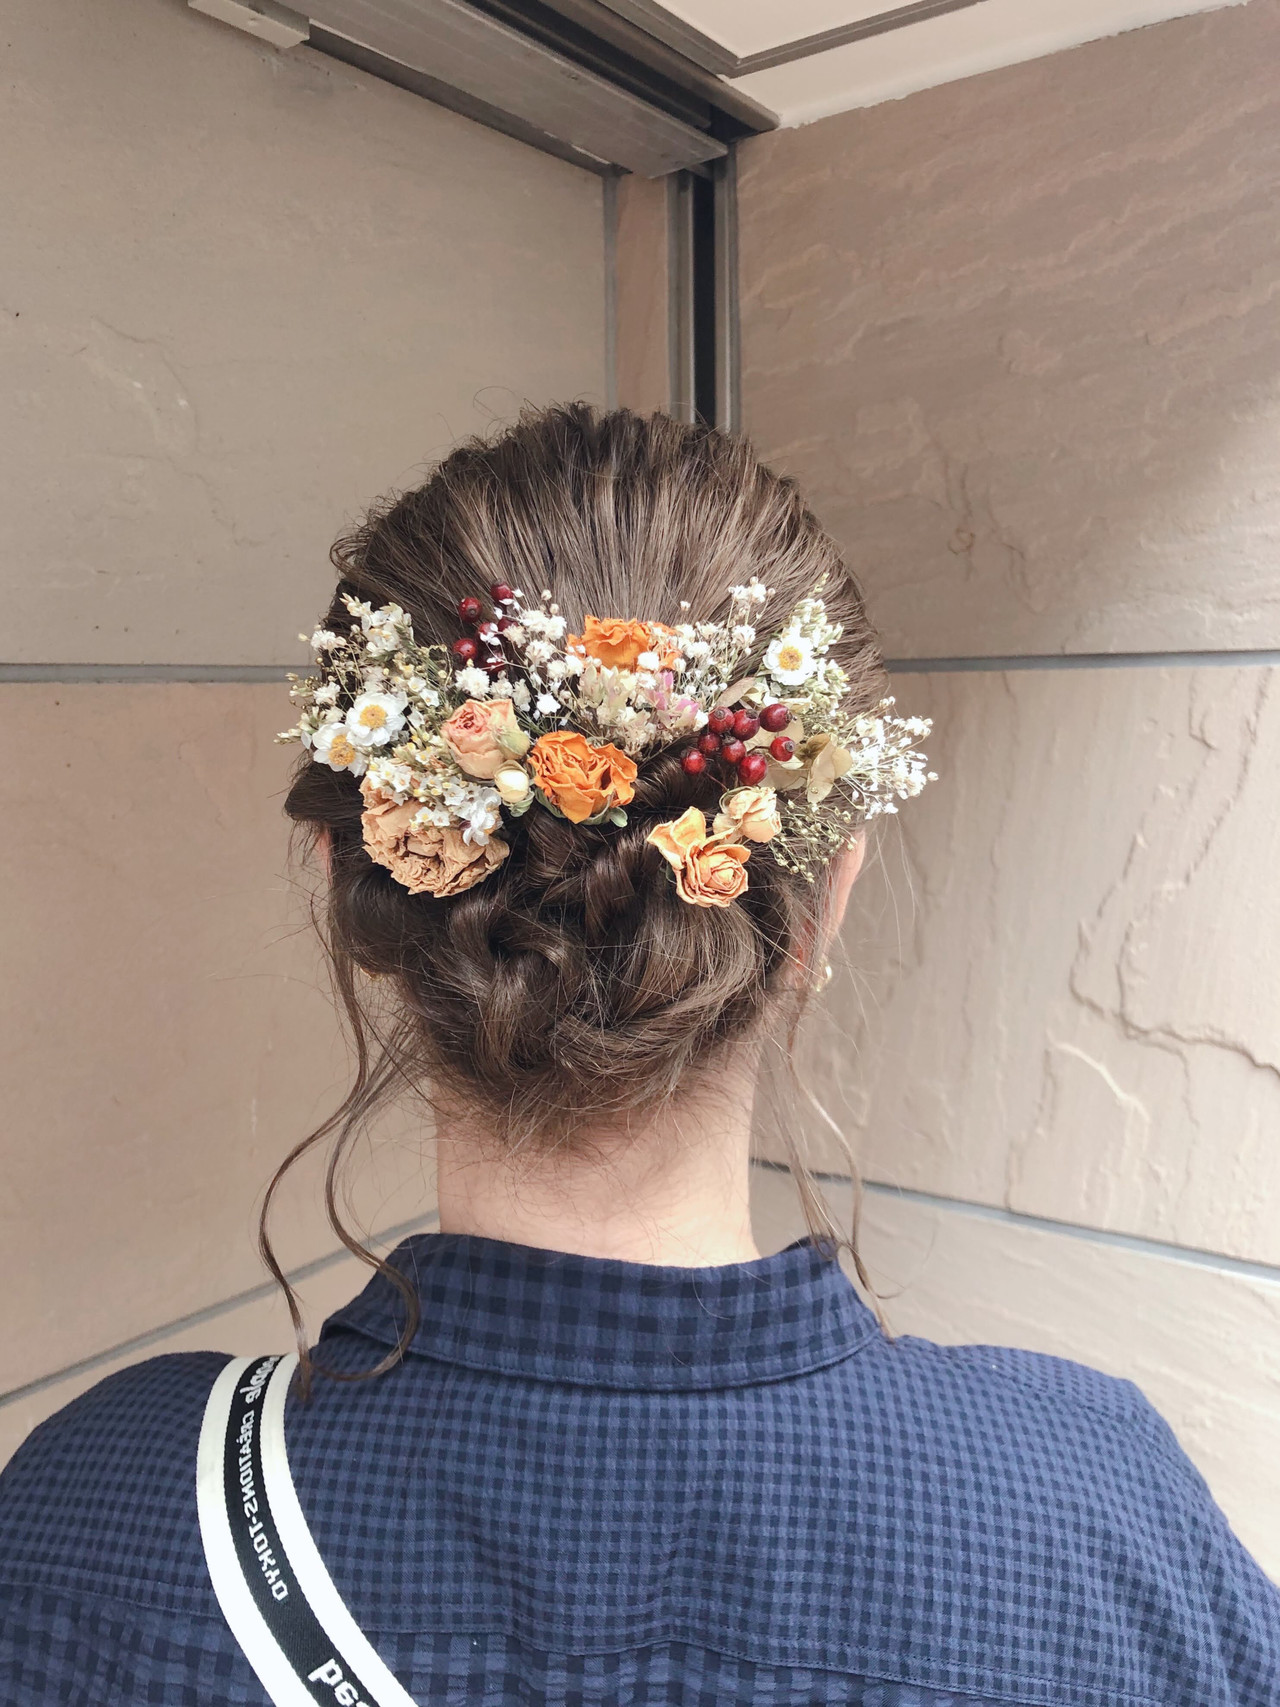 ミルクティーベージュ 成人式ヘア ドライフラワー ヘアアレンジヘアスタイルや髪型の写真・画像